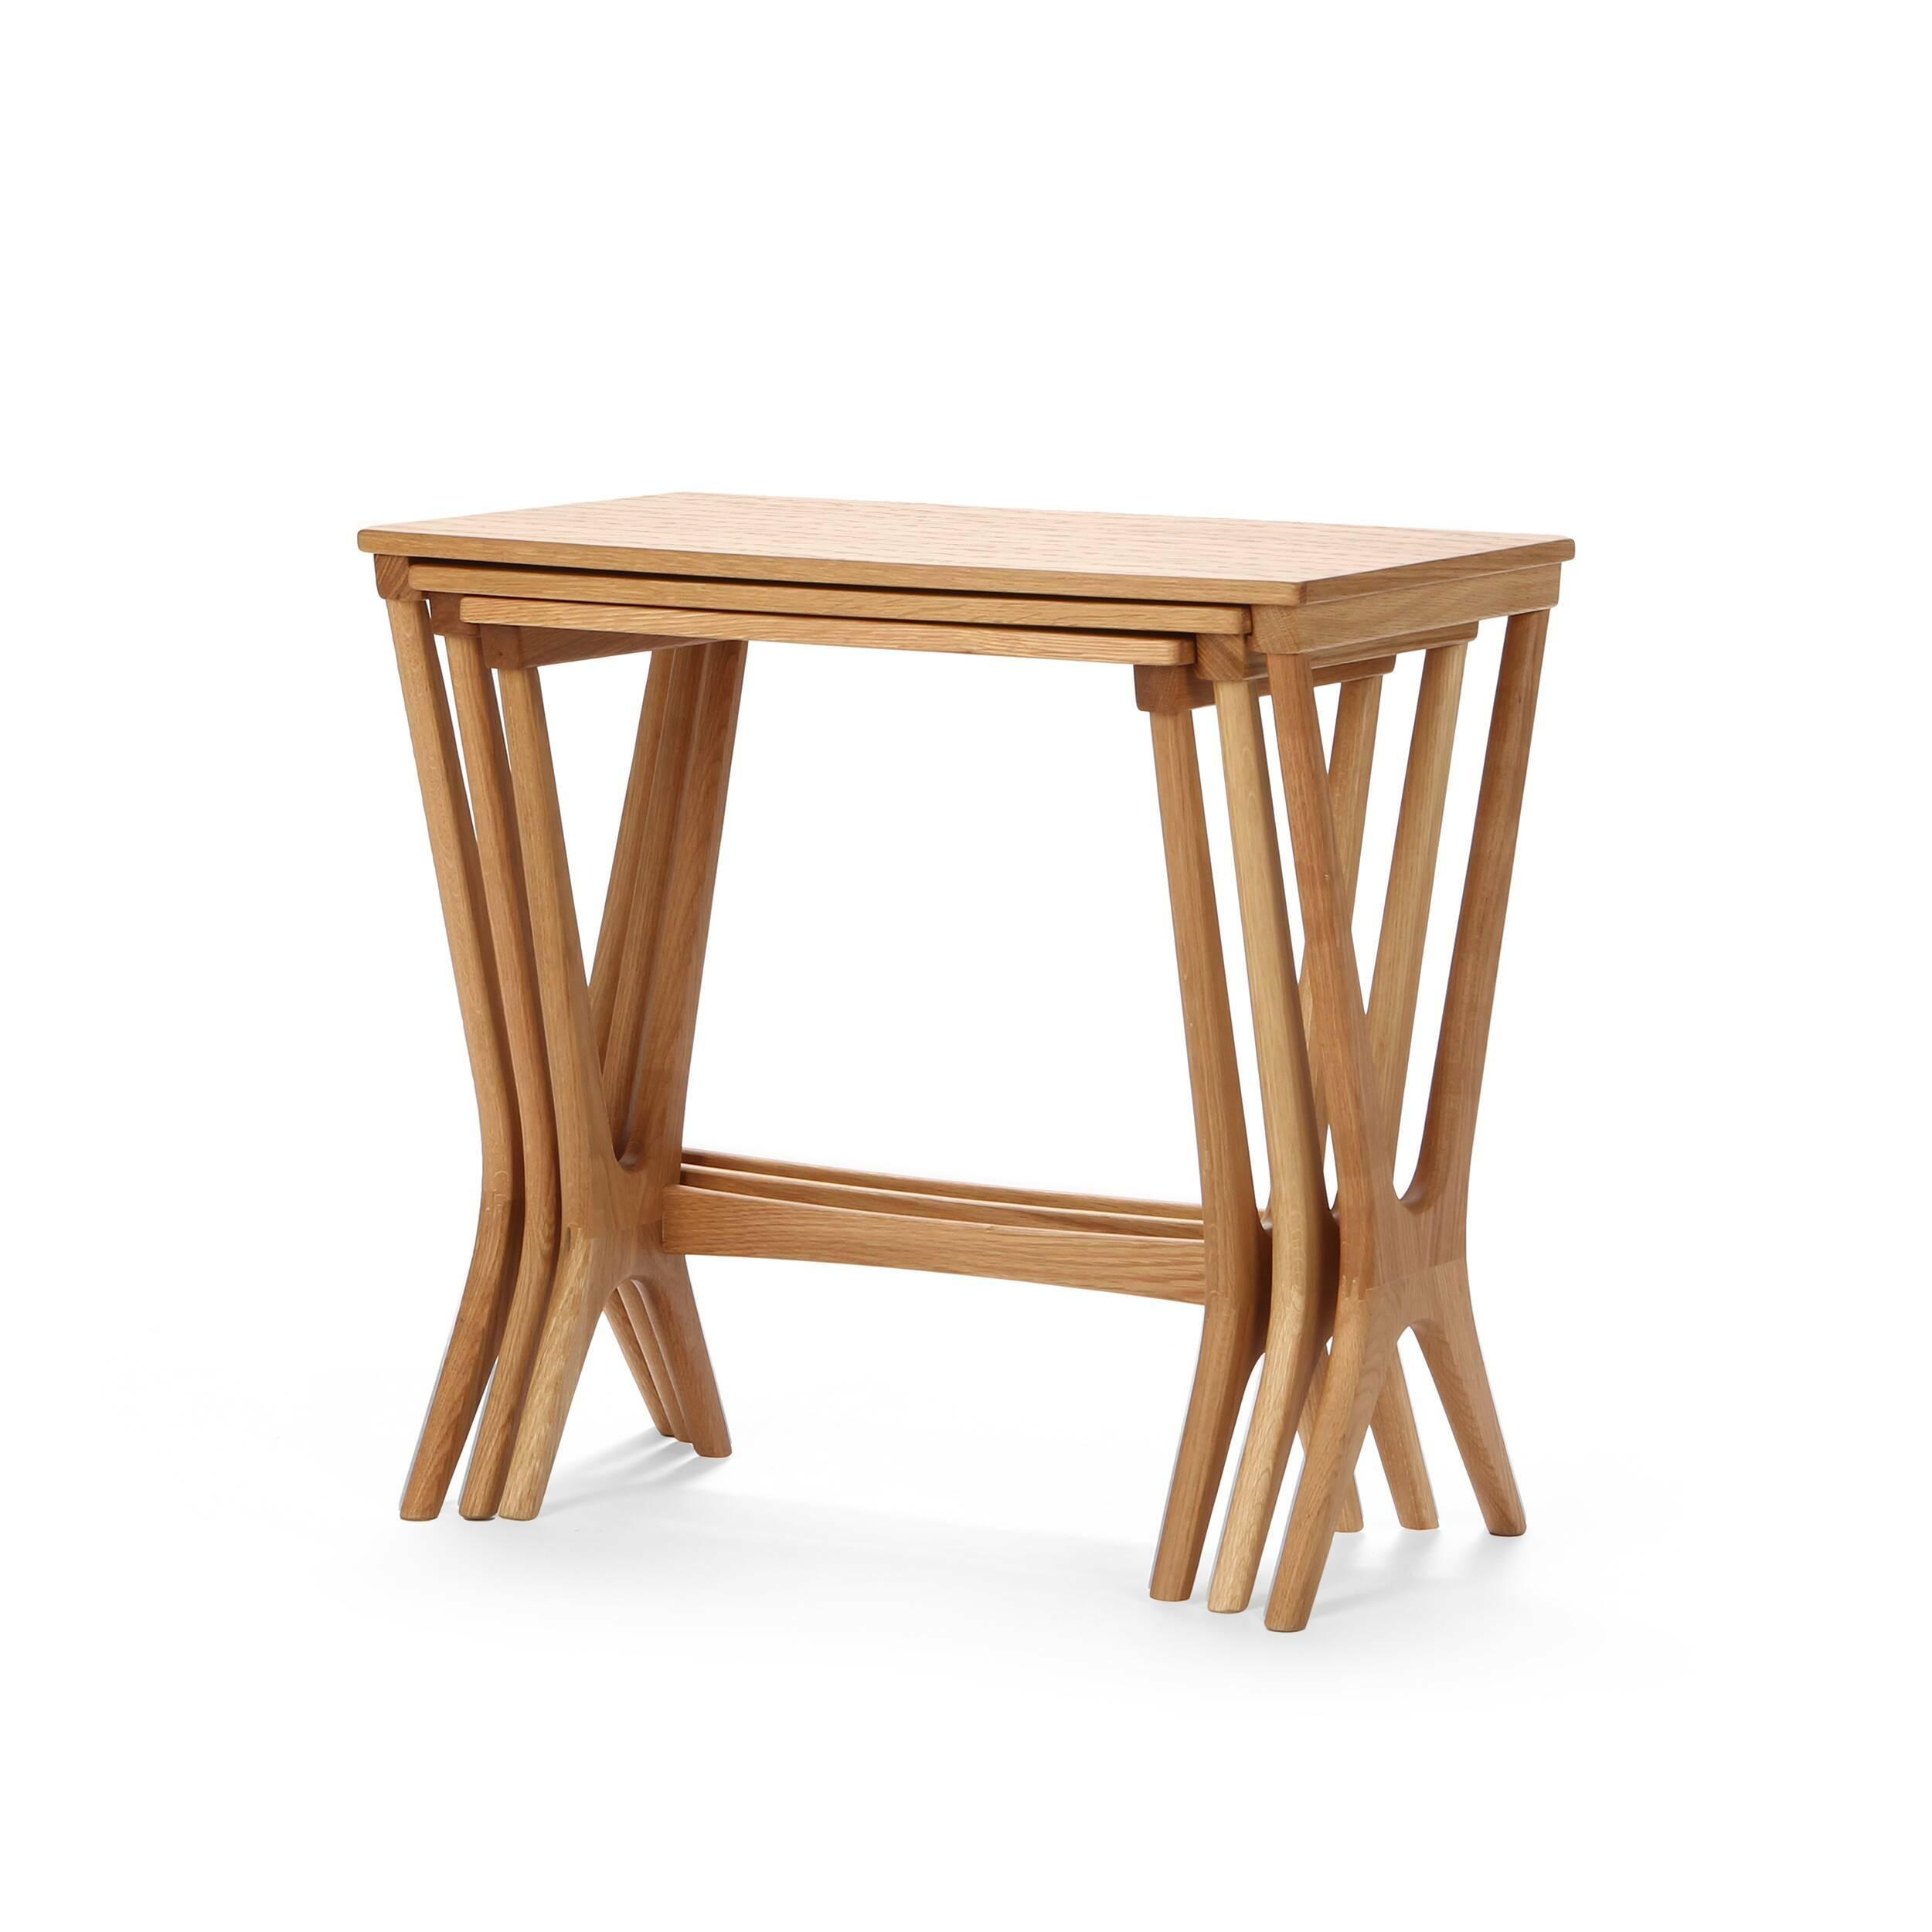 Набор кофейных столов NestingКофейные столики<br>Дизайнерский набор из трех коричневых кофейных столов Nesting (Нестинг) от Cosmo (Космо).<br><br><br> Складывающиеся столики-трансформеры не зря вот уже столько лет не сдают интерьерных позиций — проблема разумной и при этом красивой организации пространства стояла во все времена. Сегодня, когда дизайнеры предлагают сотни комбинаций и материалов для их прародителя, популярного столика Quartetto из XVIII века (в первоначальной версии было четыре складывающихся столика разных размеров), наш выбор ...<br><br>stock: 3<br>Высота: 53,8<br>Ширина: 56<br>Диаметр: 36<br>Цвет ножек: Светло-коричневый<br>Цвет столешницы: Светло-коричневый<br>Материал ножек: Массив дуба<br>Материал столешницы: Фанера, шпон дуба<br>Тип материала столешницы: Фанера<br>Тип материала ножек: Дерево